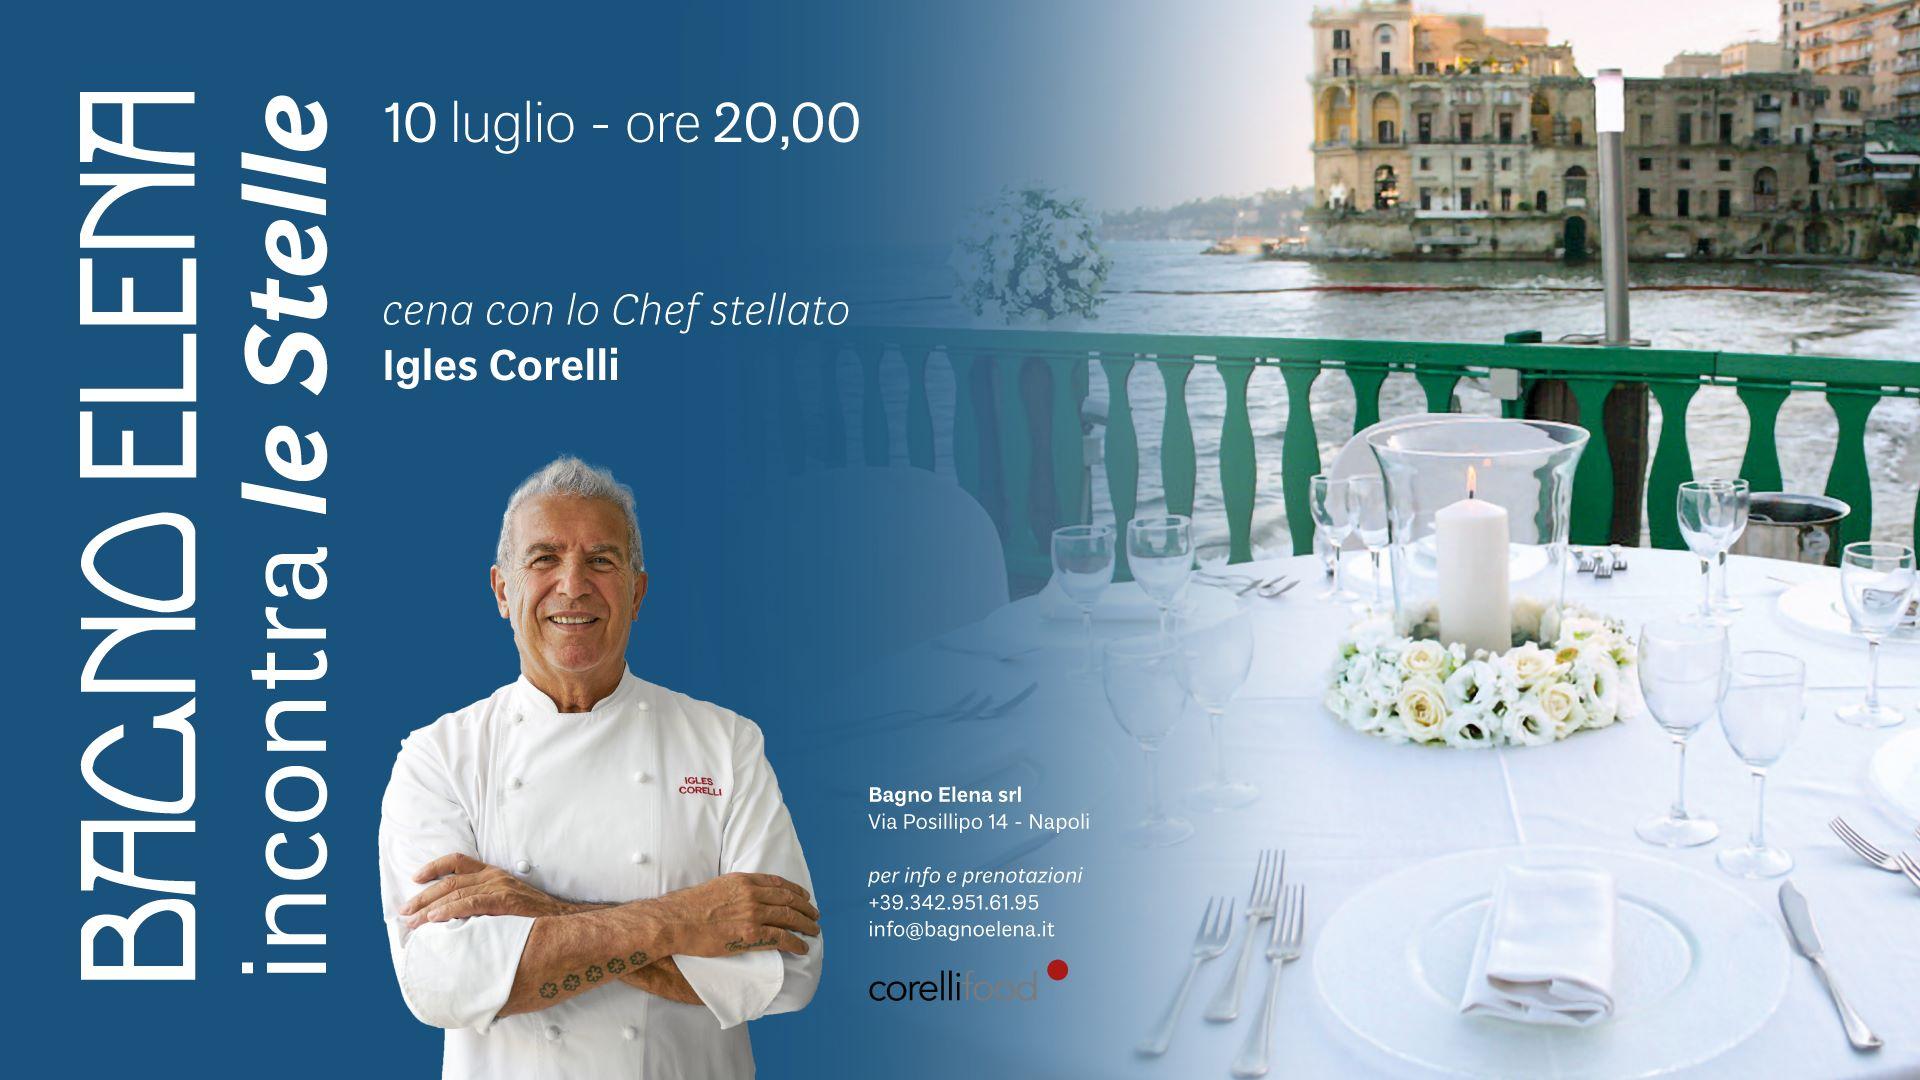 BAGNO ELENA Chef Igles Corelli